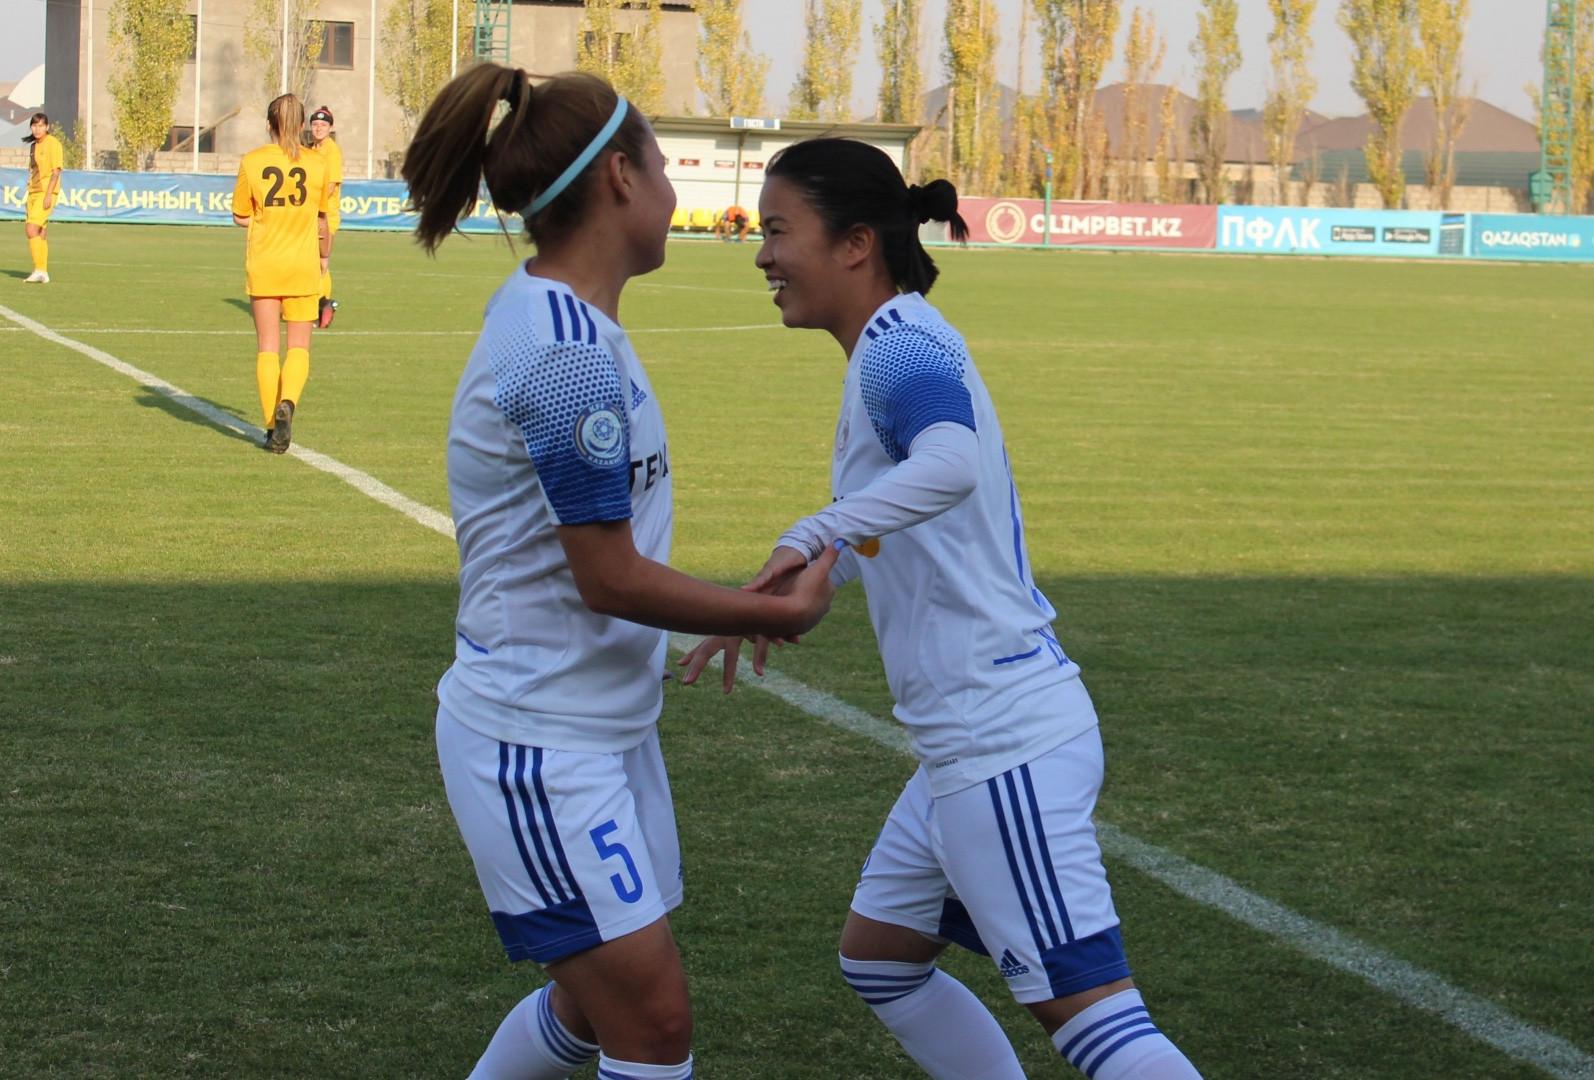 Названы даты матчей женской Лиги чемпионов с участием «БИИК-Казыгурт»